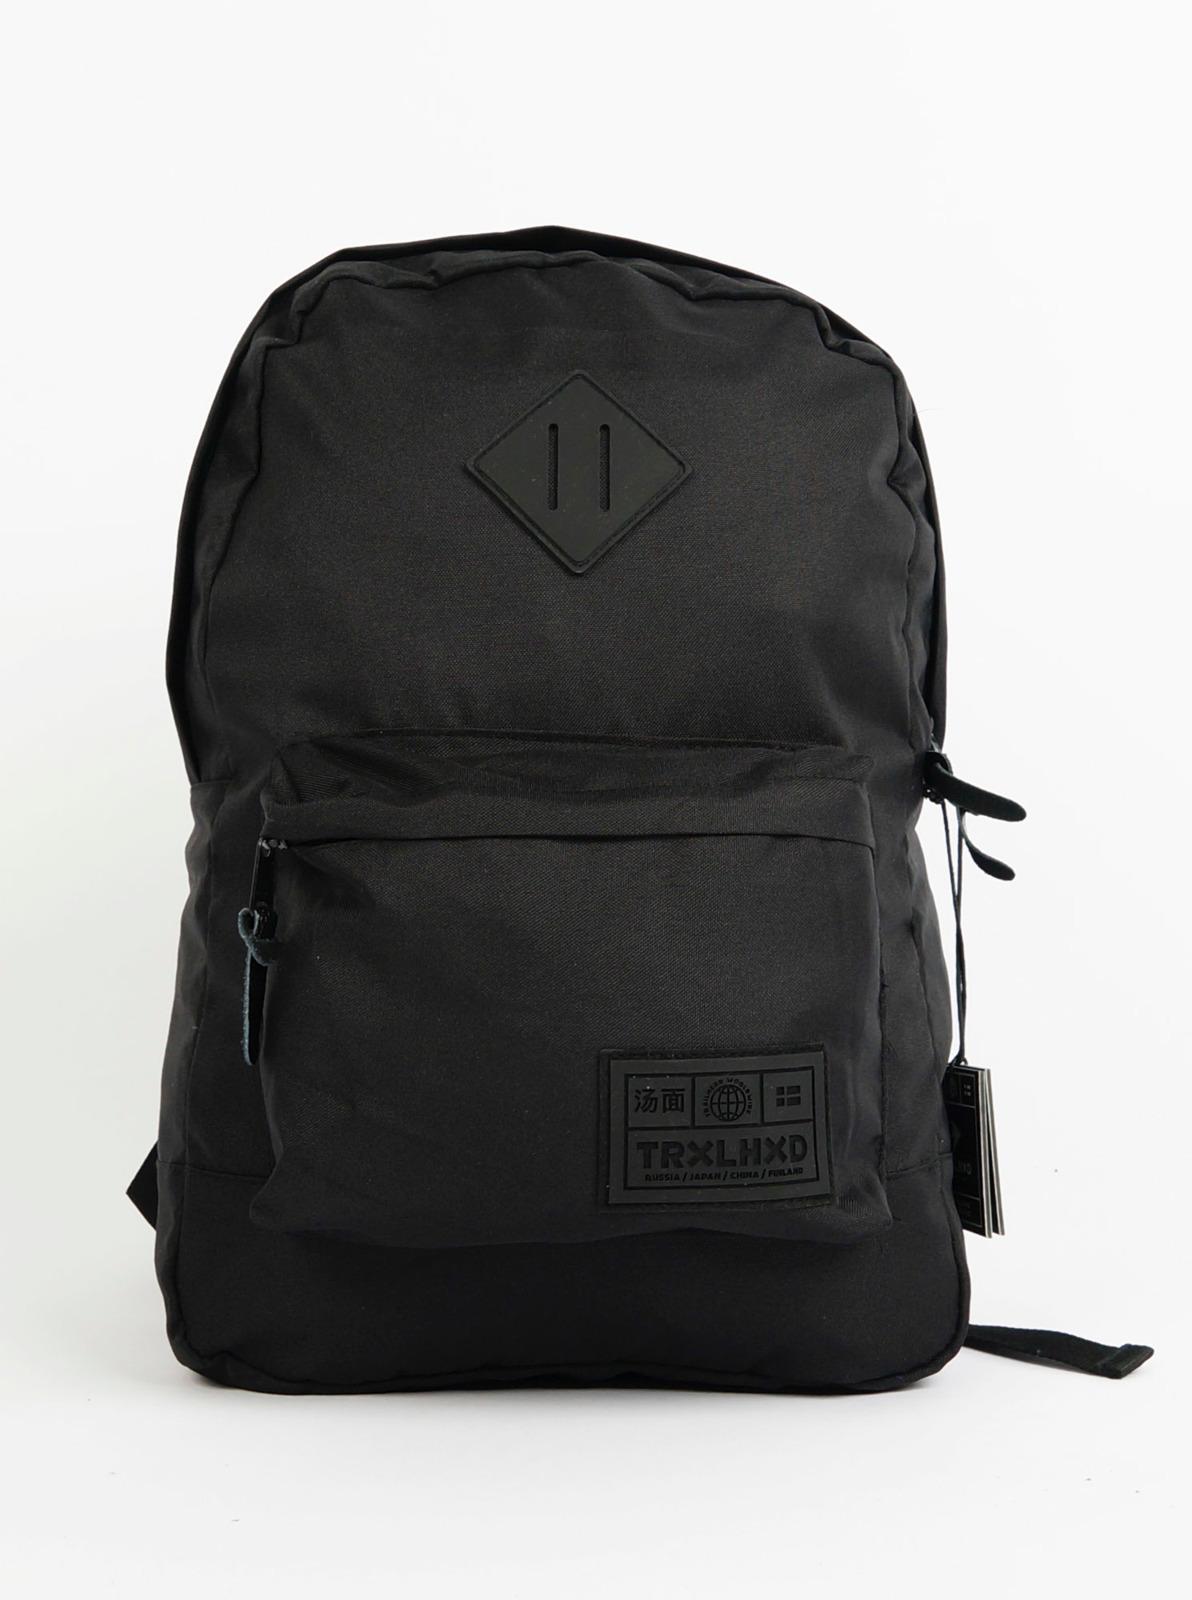 Рюкзак мужской Trailhead, цвет: черный. BAG002-18_BK рюкзак мужской quiksilver everydaypostemb m eqybp03501 bng0 королевский синий